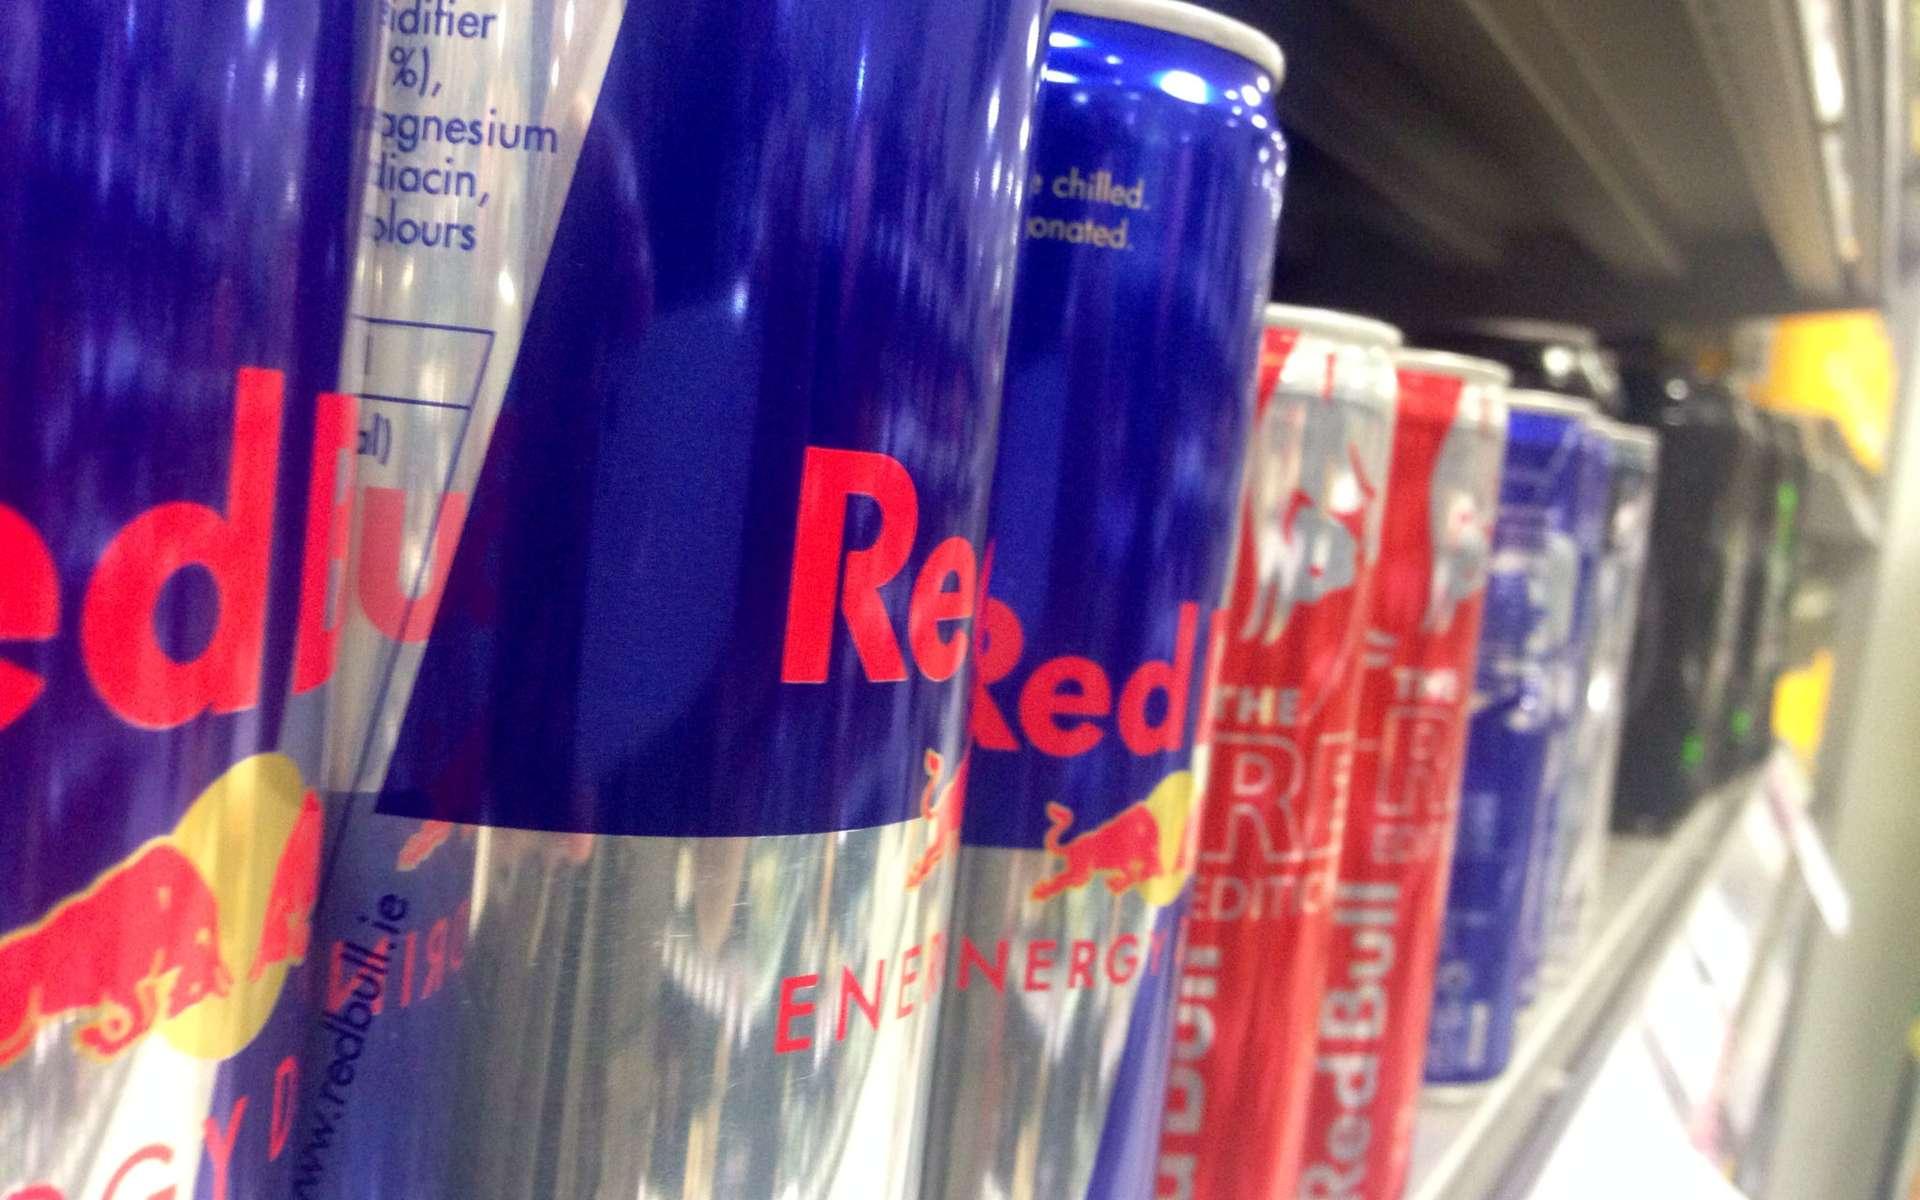 Les boissons énergisantes peuvent être dangereuses pour les sportifs. © Zeyus Media, Flickr, CC BY 2.0